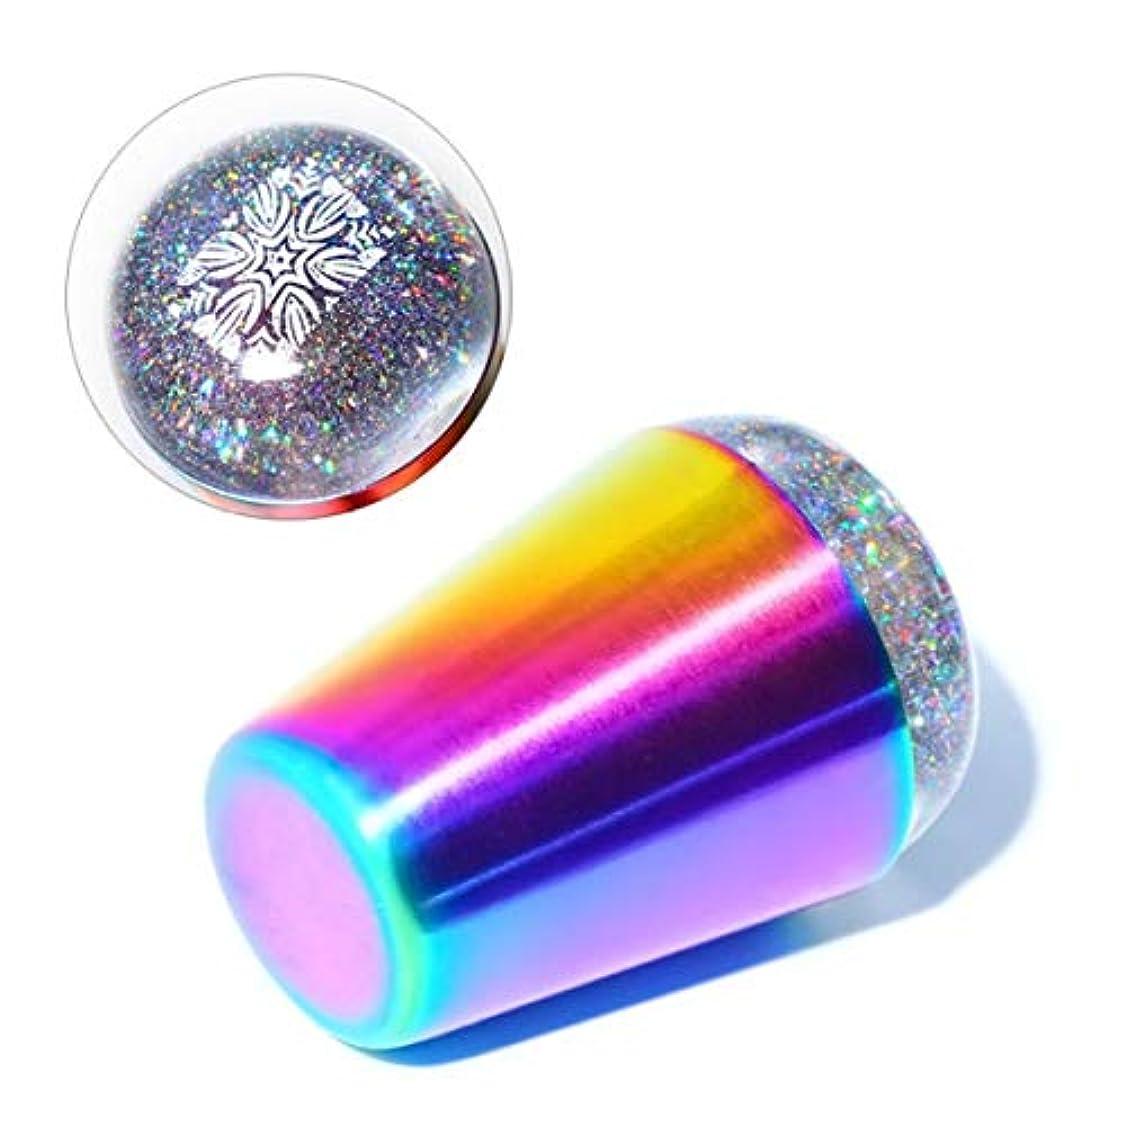 率直なほこりっぽいマトリックスWadachikis 最高の販売透明な釘スタンパースクレーパーホログラフィック虹ハンドルネイルアートツール(None B)